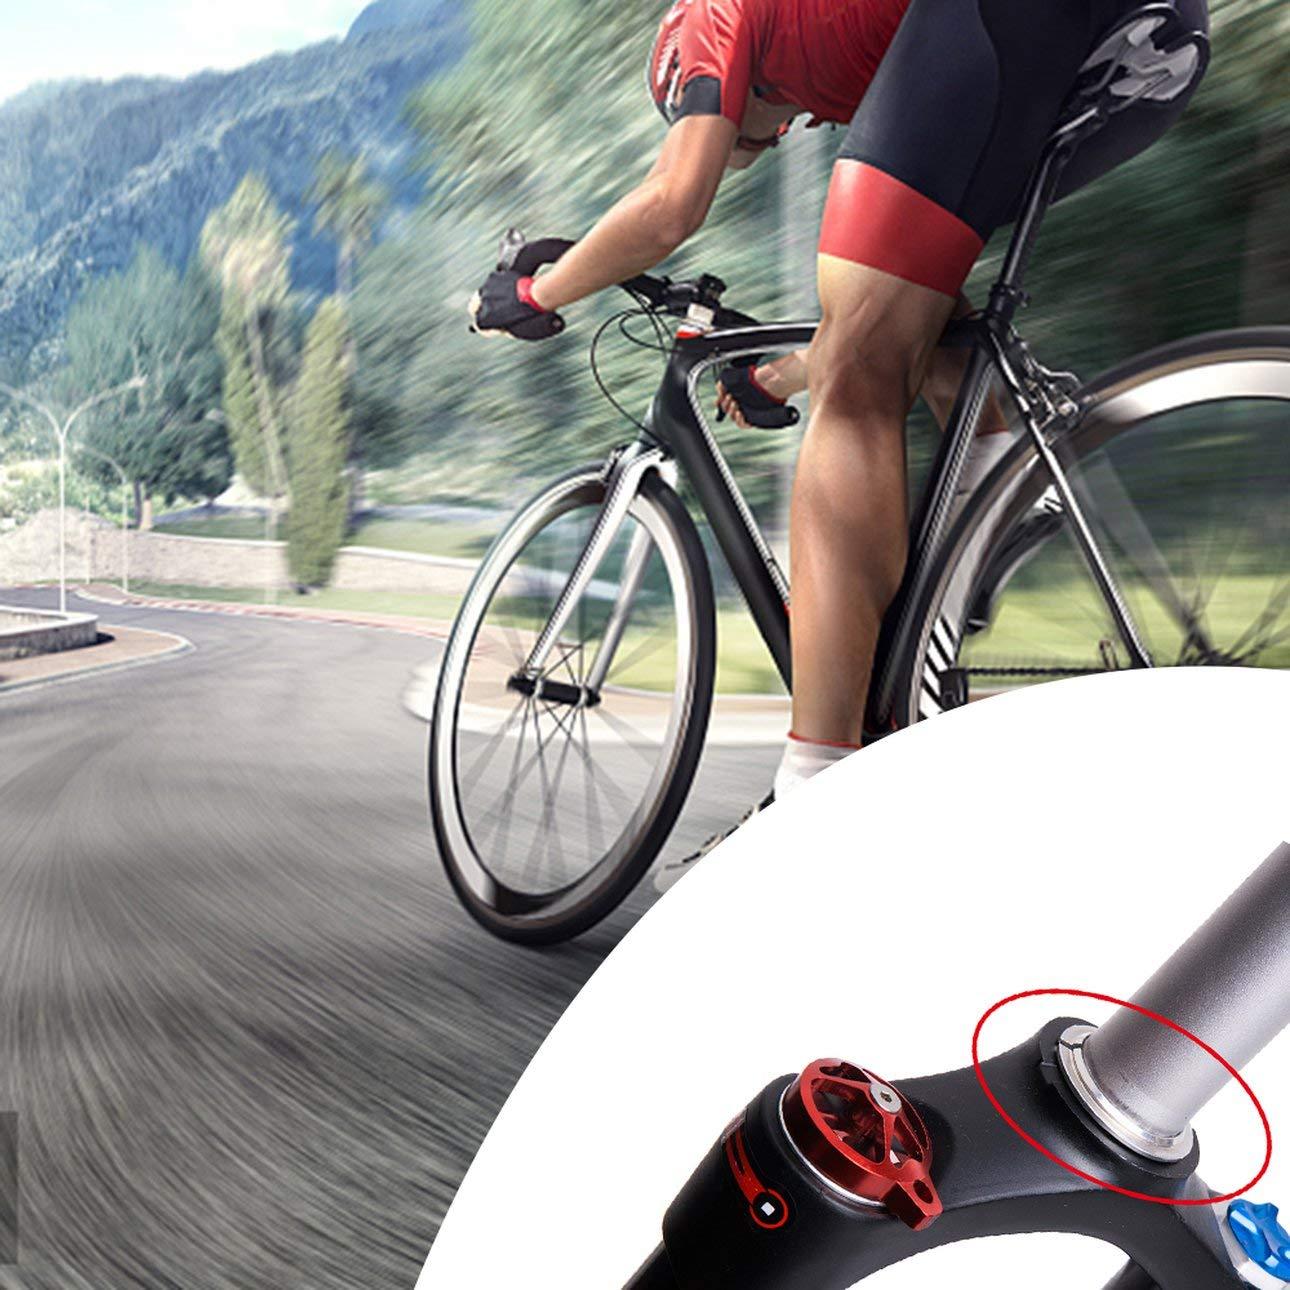 Pr/áctico Casco de Bicicleta Anillo Base Aleaci/ón de Aluminio Di/ámetro del Separador para 28.6 Horquilla Recta 44mm Auricular de Bicicleta